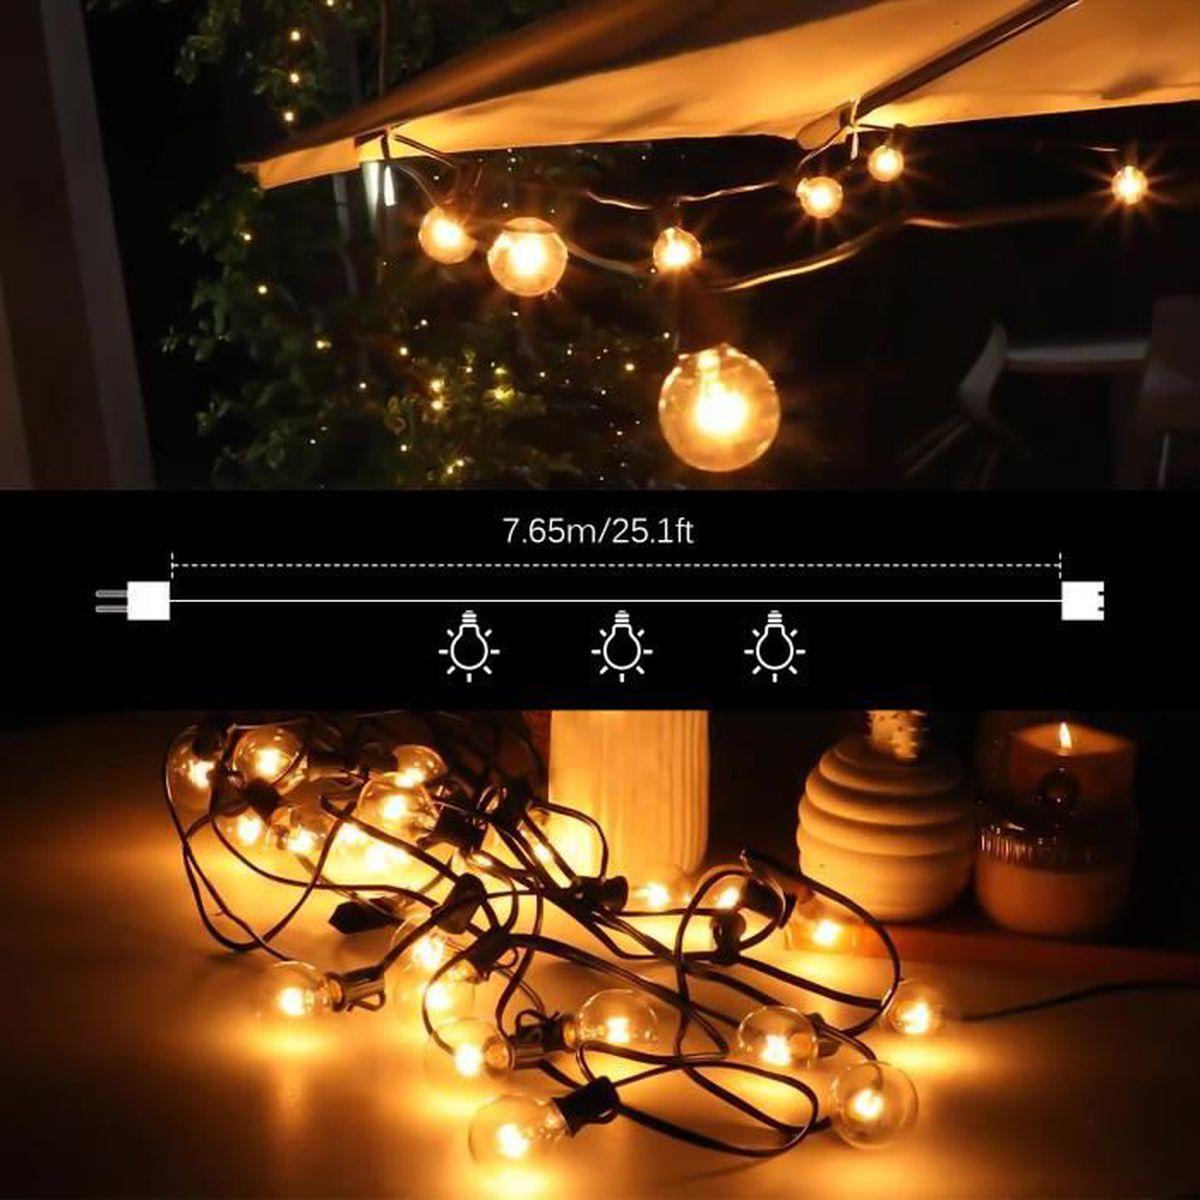 lumière de corde extérieure ampoule rétro lumières de chaîne